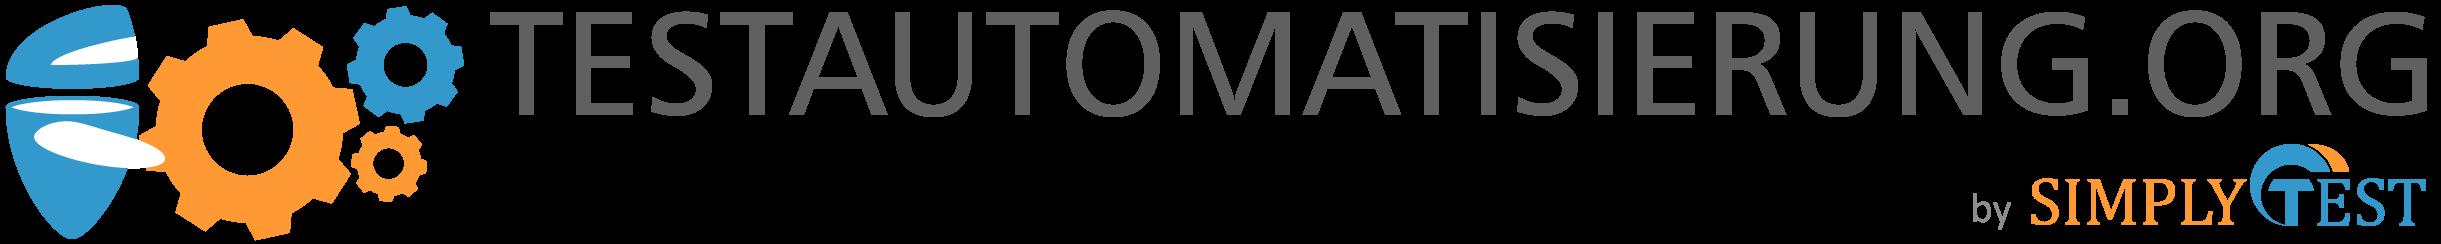 Testautomatisierung.org